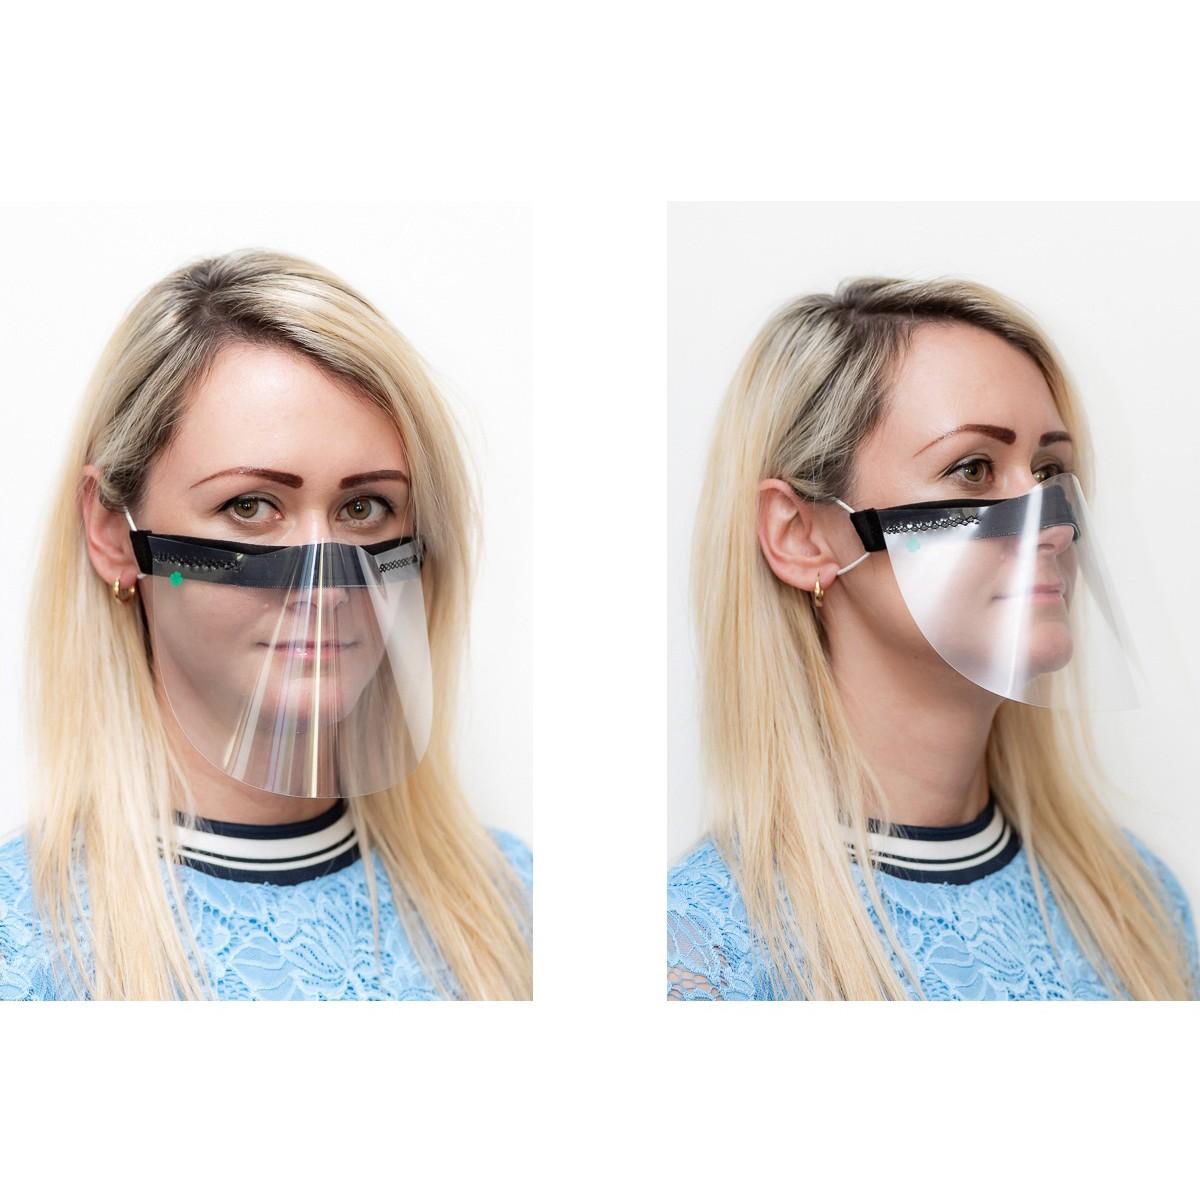 ochranný kryt na tvár priehľadná maska čierna nos ústa 21x12cm univerzálna megamix.sk